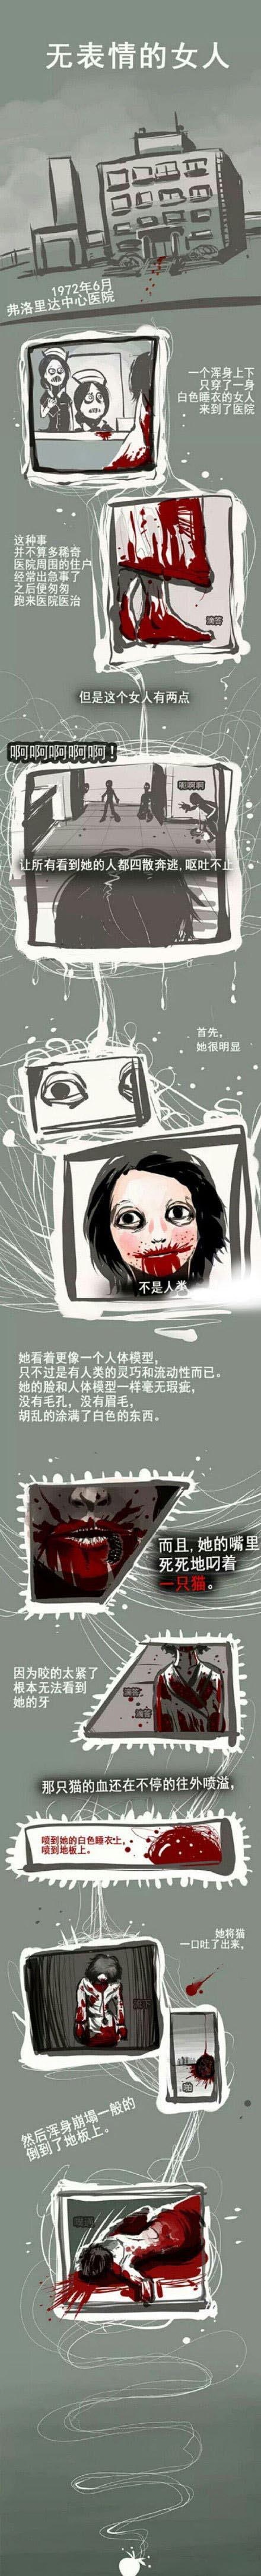 面无表情的女人图片